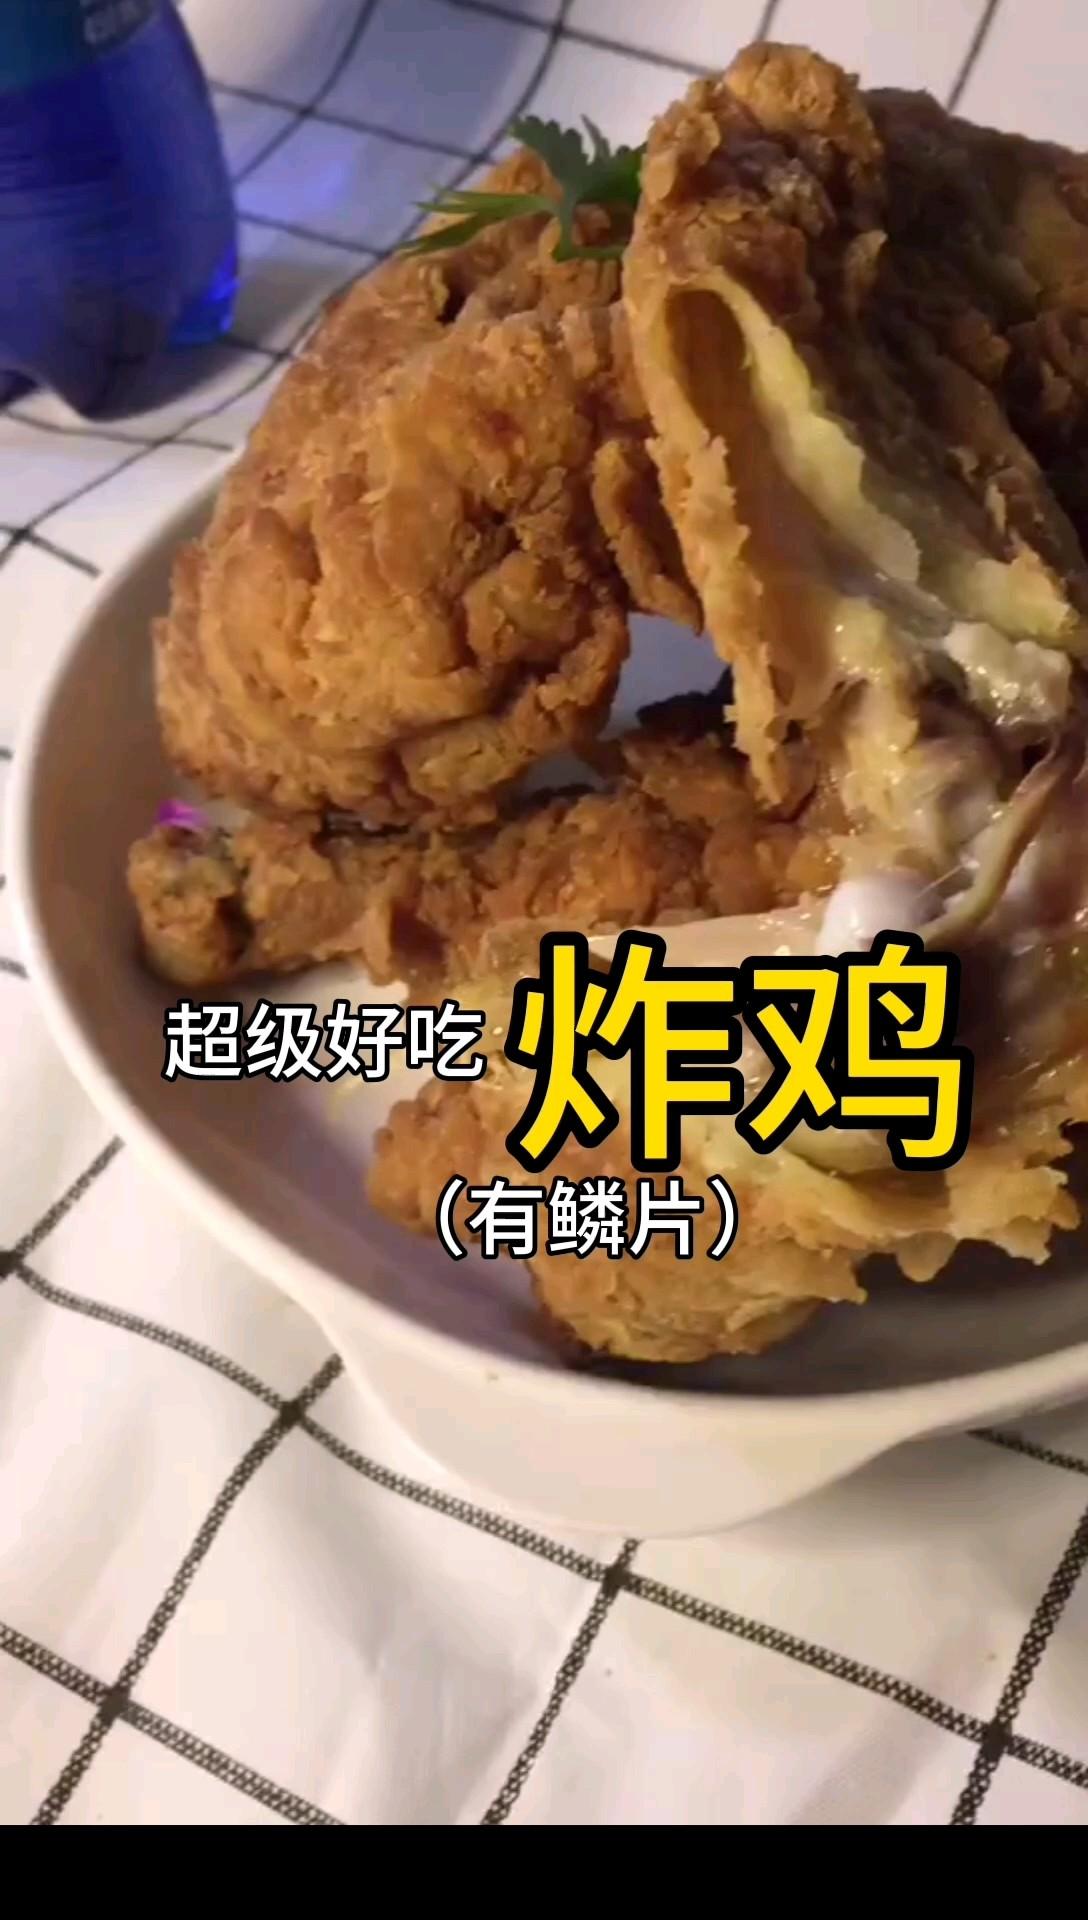 在家就吃到——香脆多汁炸鸡(有鳞片)